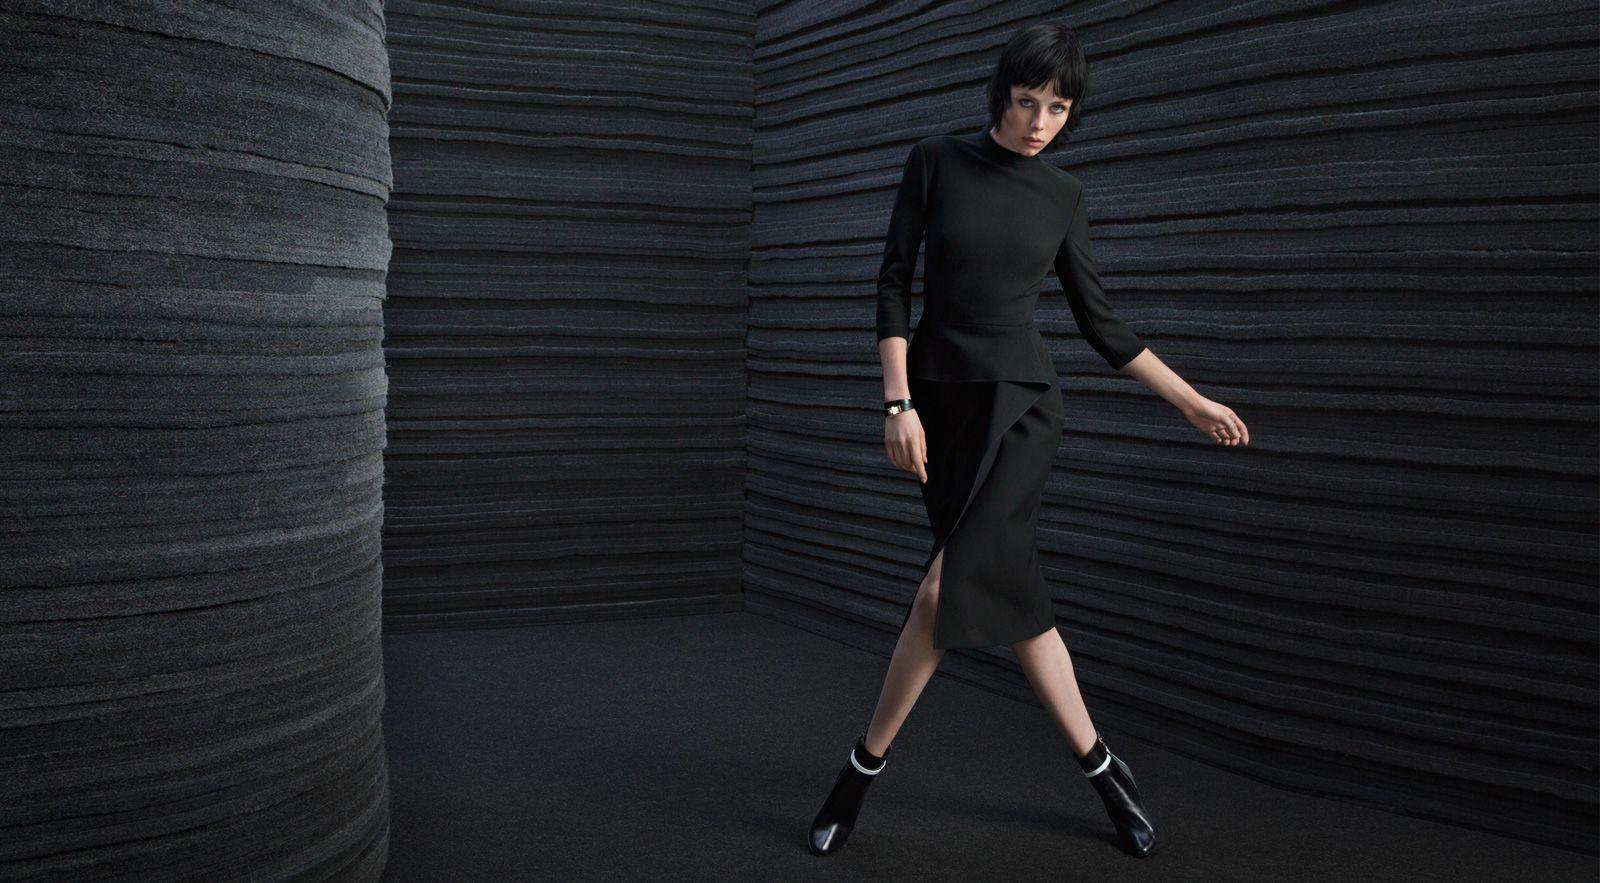 Хуго босс женская одежда скачать игру девушка за работой торрент